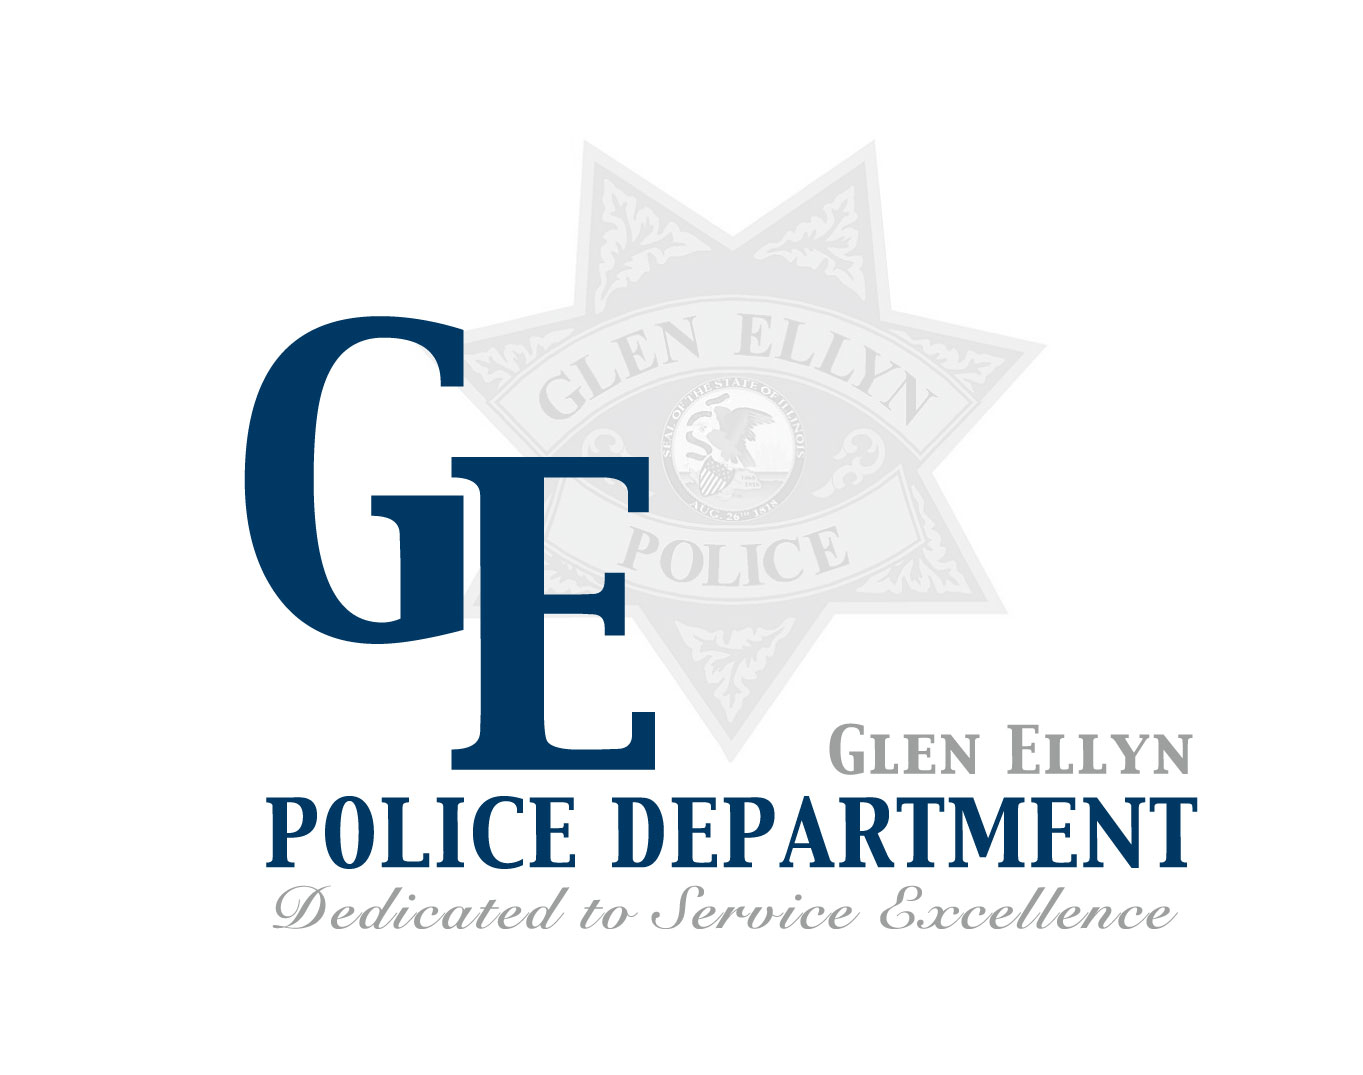 Glen Ellyn Police Department